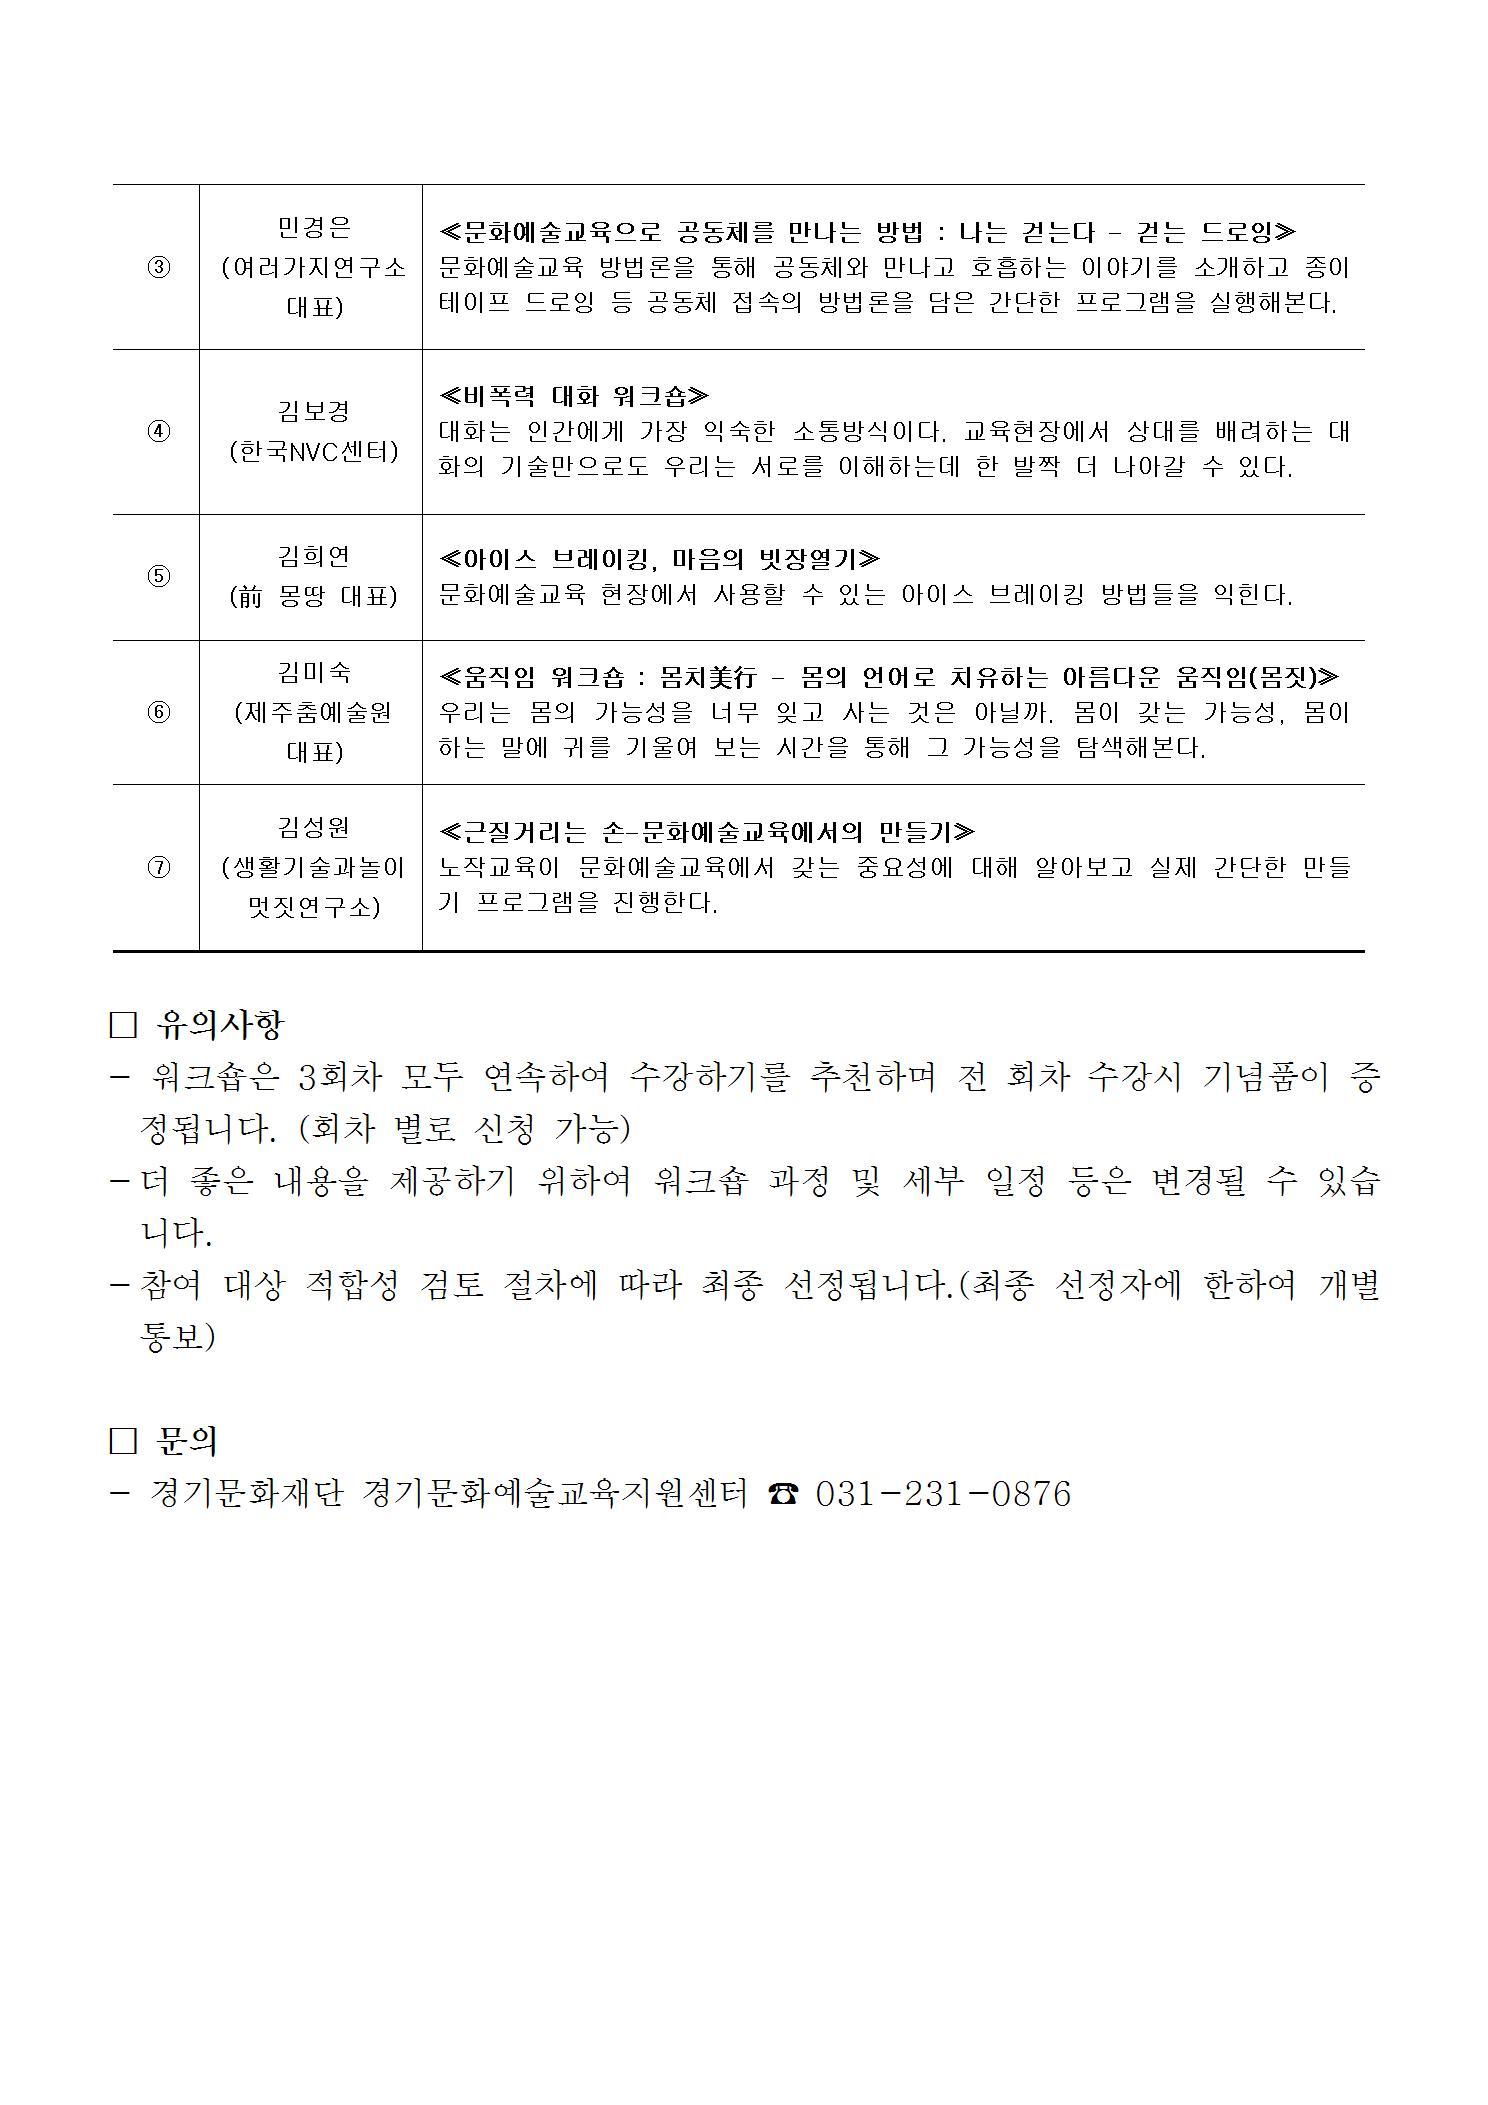 2018 경기문화예술교육 매개자 역량강화 워크숍 참여자 모집 공고문003